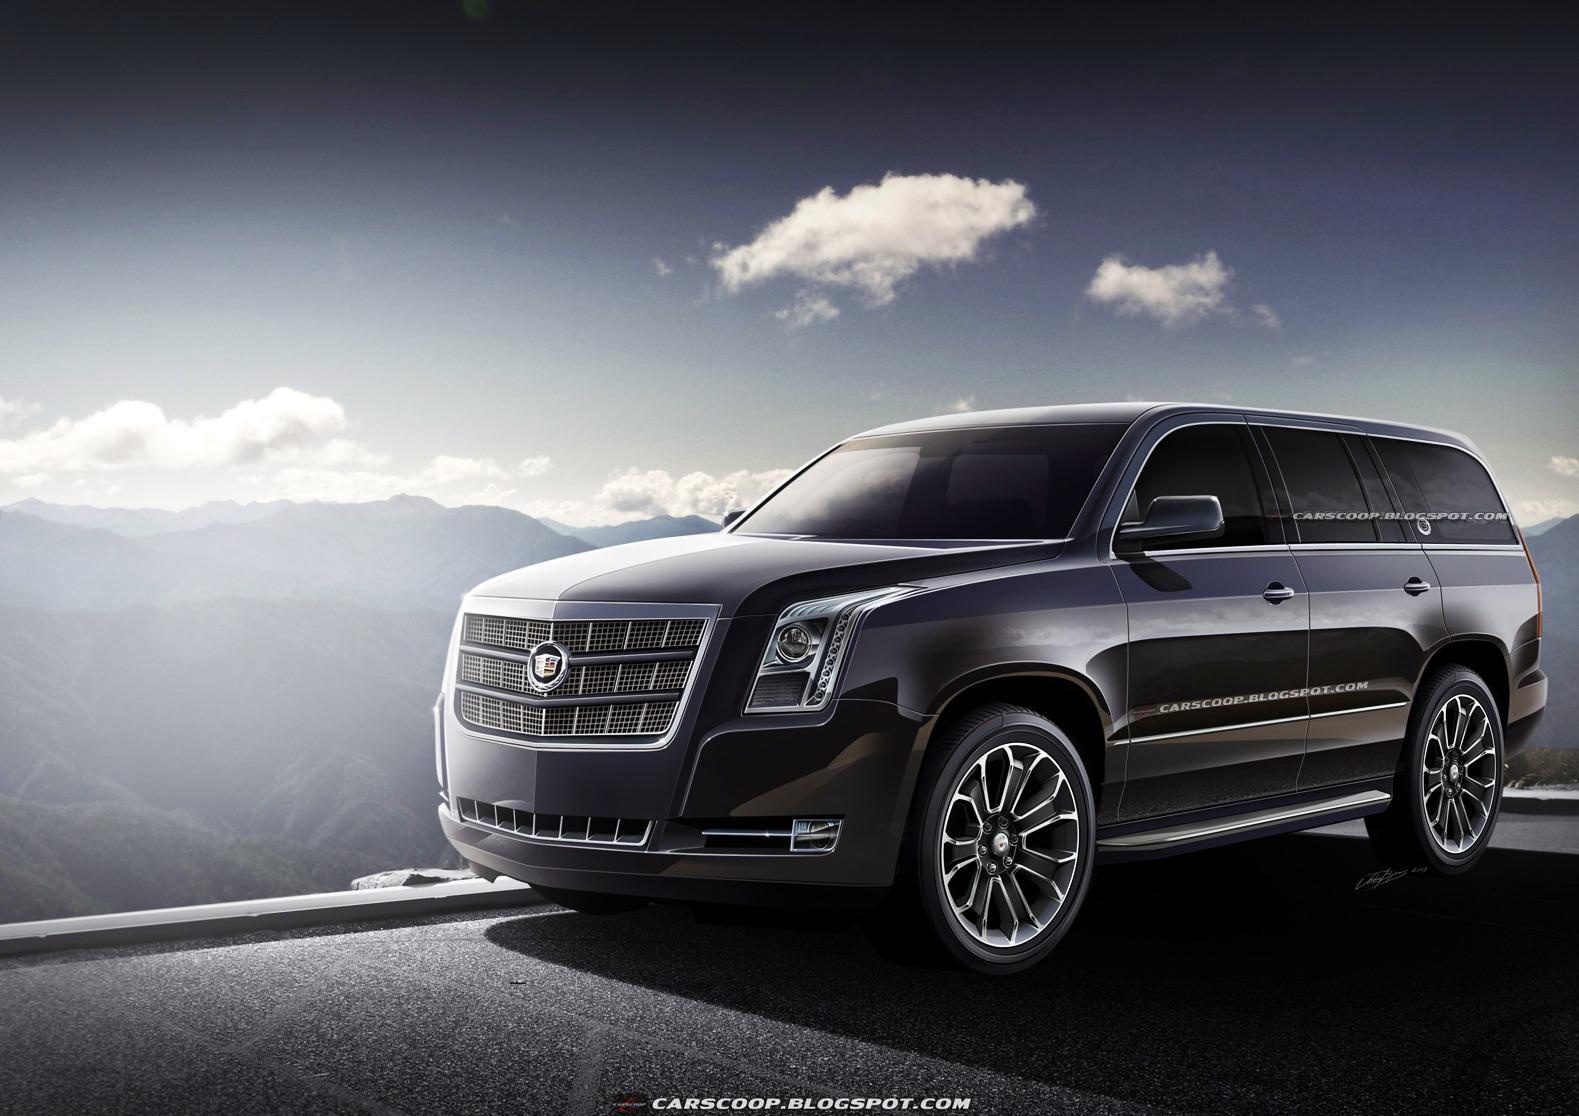 Cadillac Escalade 2014 foto - 6